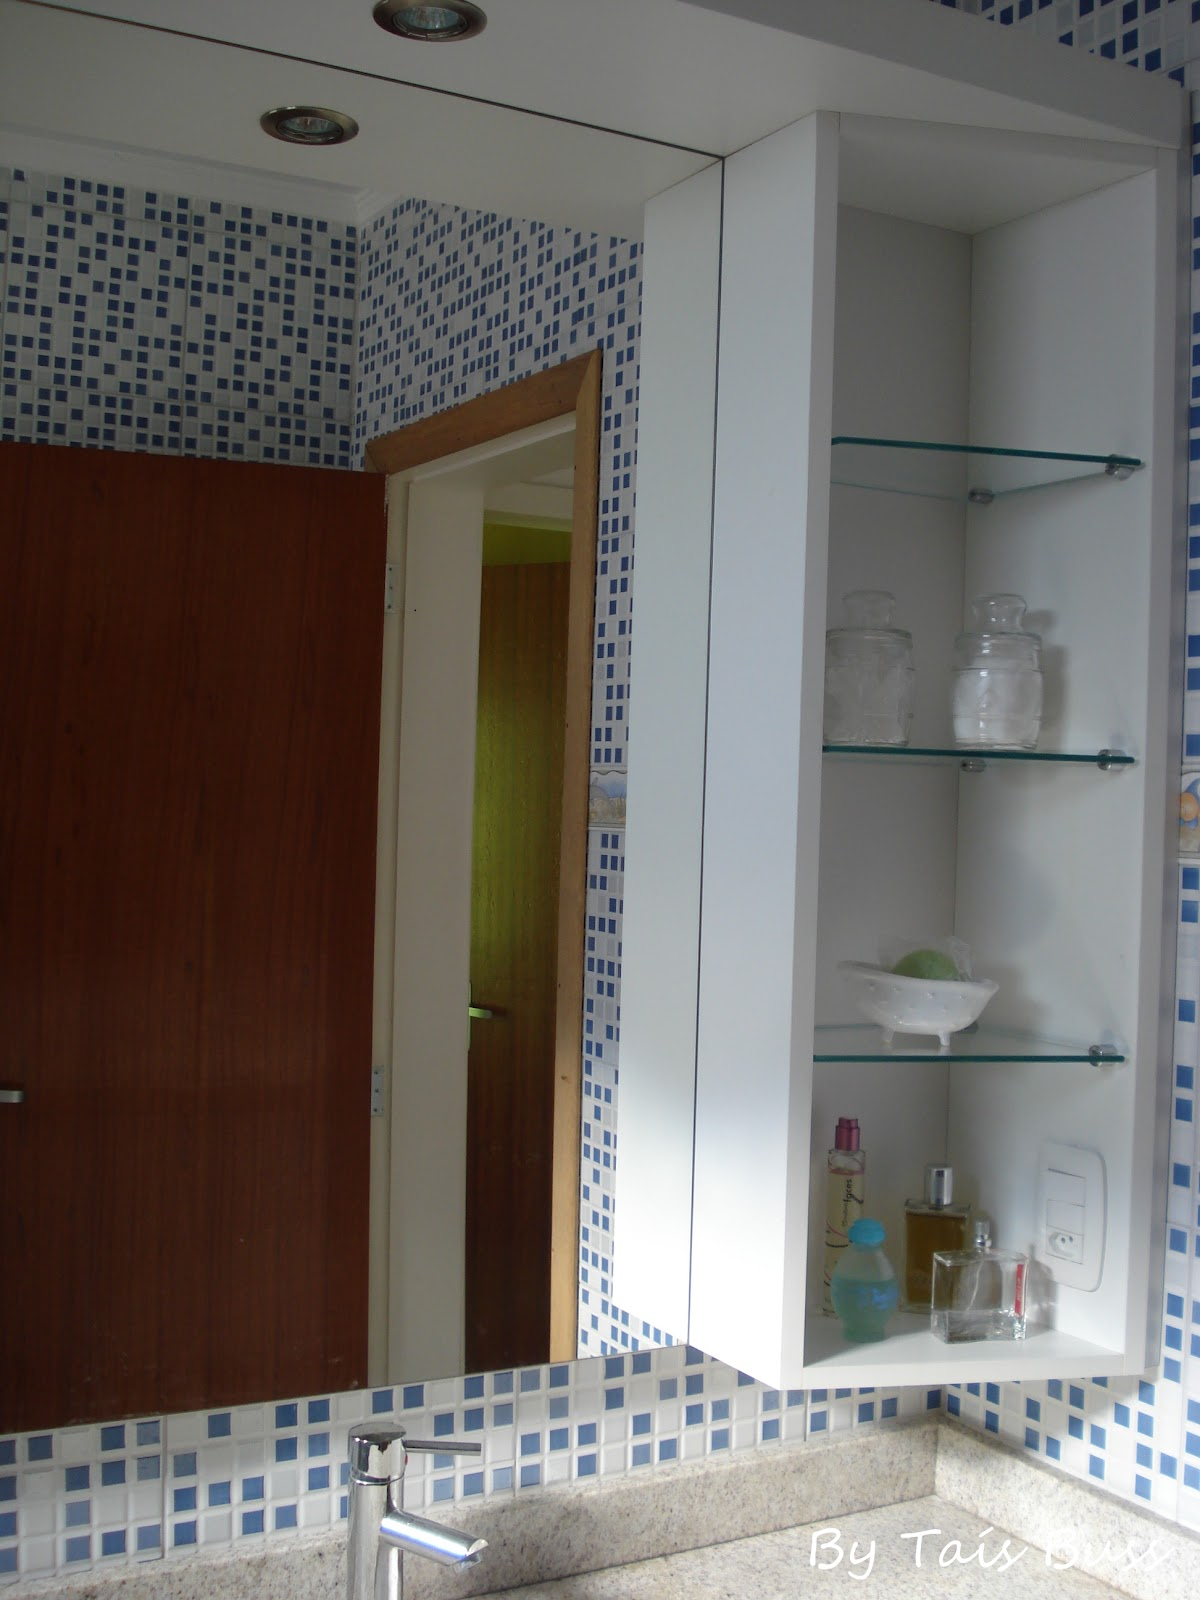 Perfeito Jardim !: E o Banheiro  #36241A 1200 1600